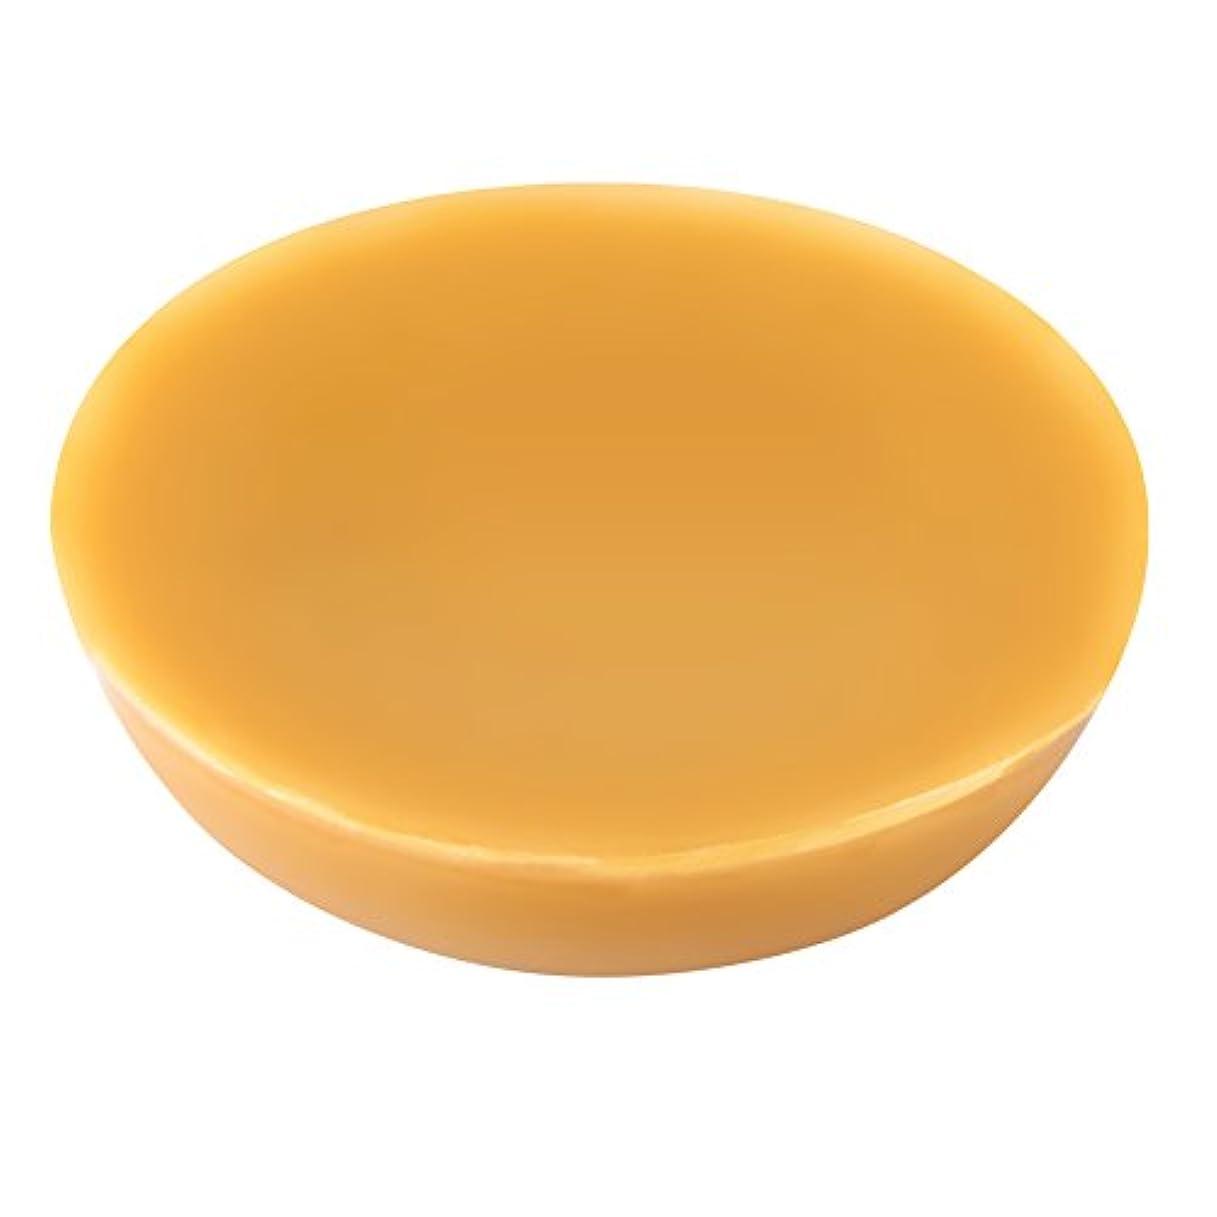 コロニアル雰囲気煙突自然な蜜蝋、石鹸の化粧品の口紅のための食品等級の自然で純粋な蜂のワックス